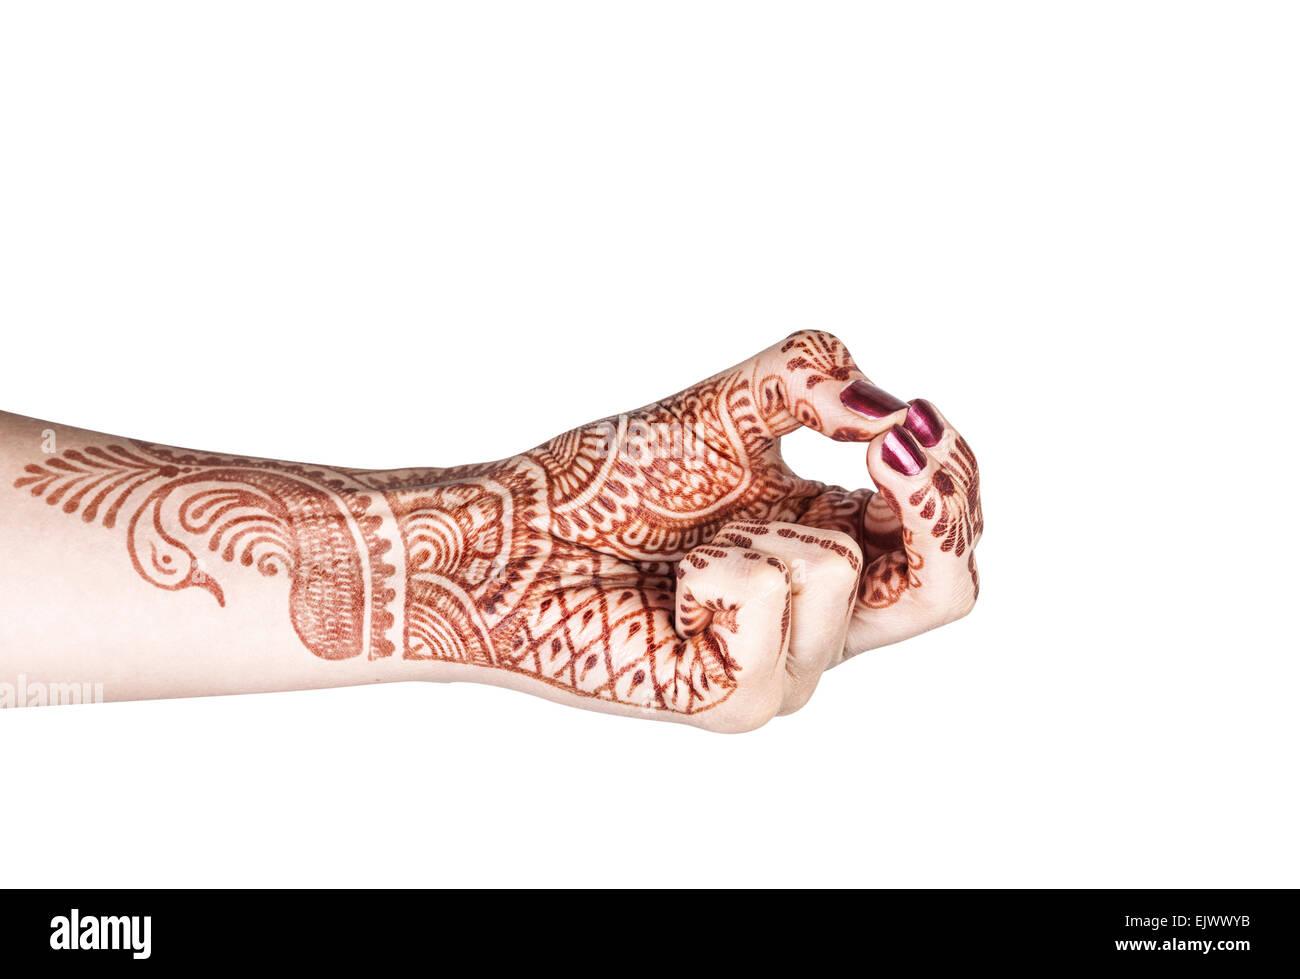 La femme de henné faire mudra Kubera isolé sur fond blanc avec clipping path Photo Stock